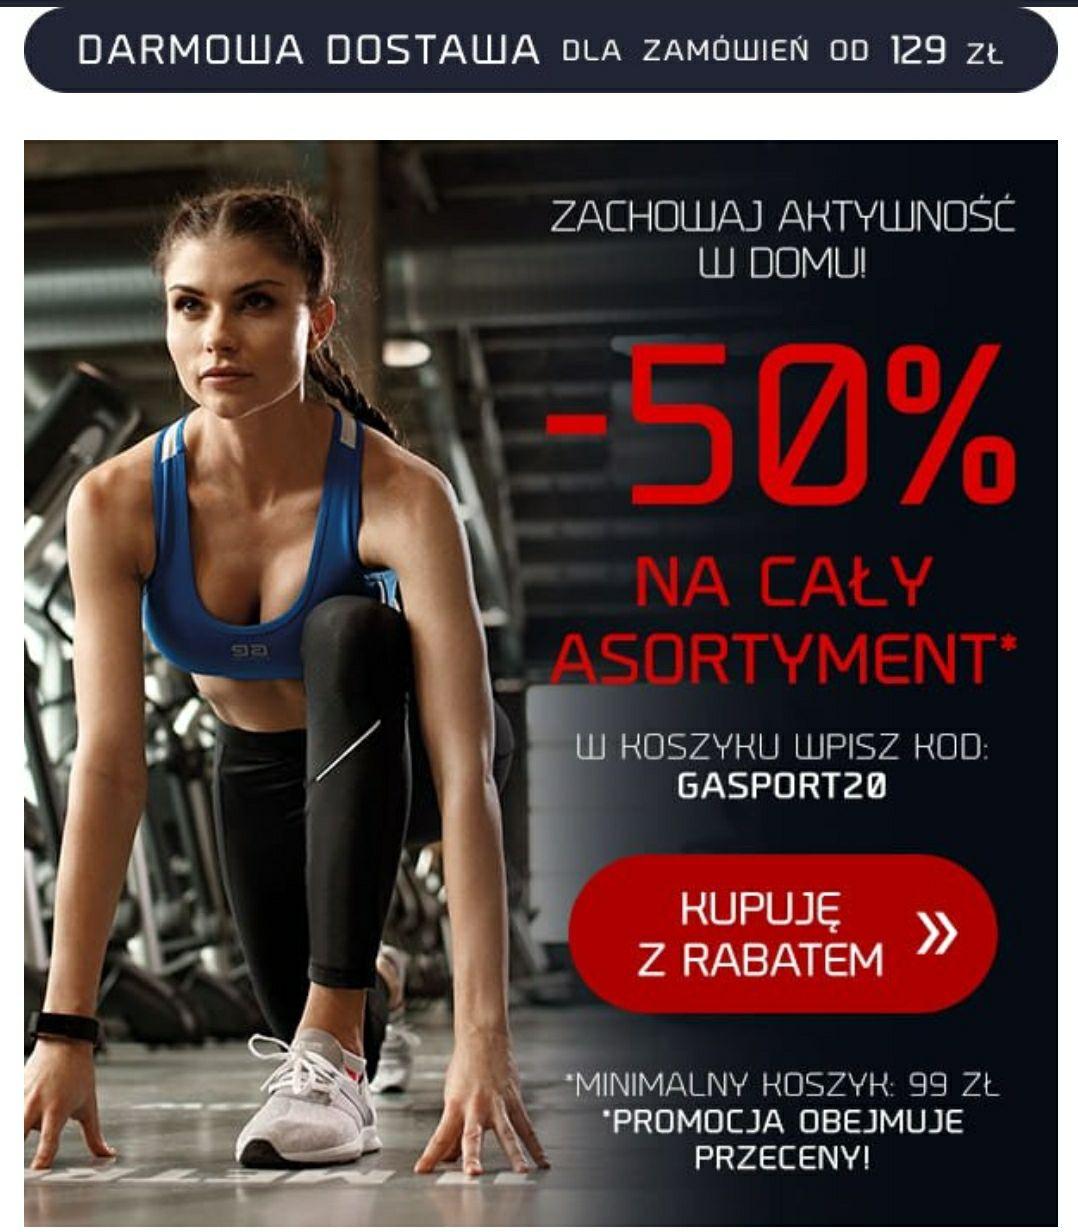 Gatta active -50%. Od 129,- Darmowa dostawa